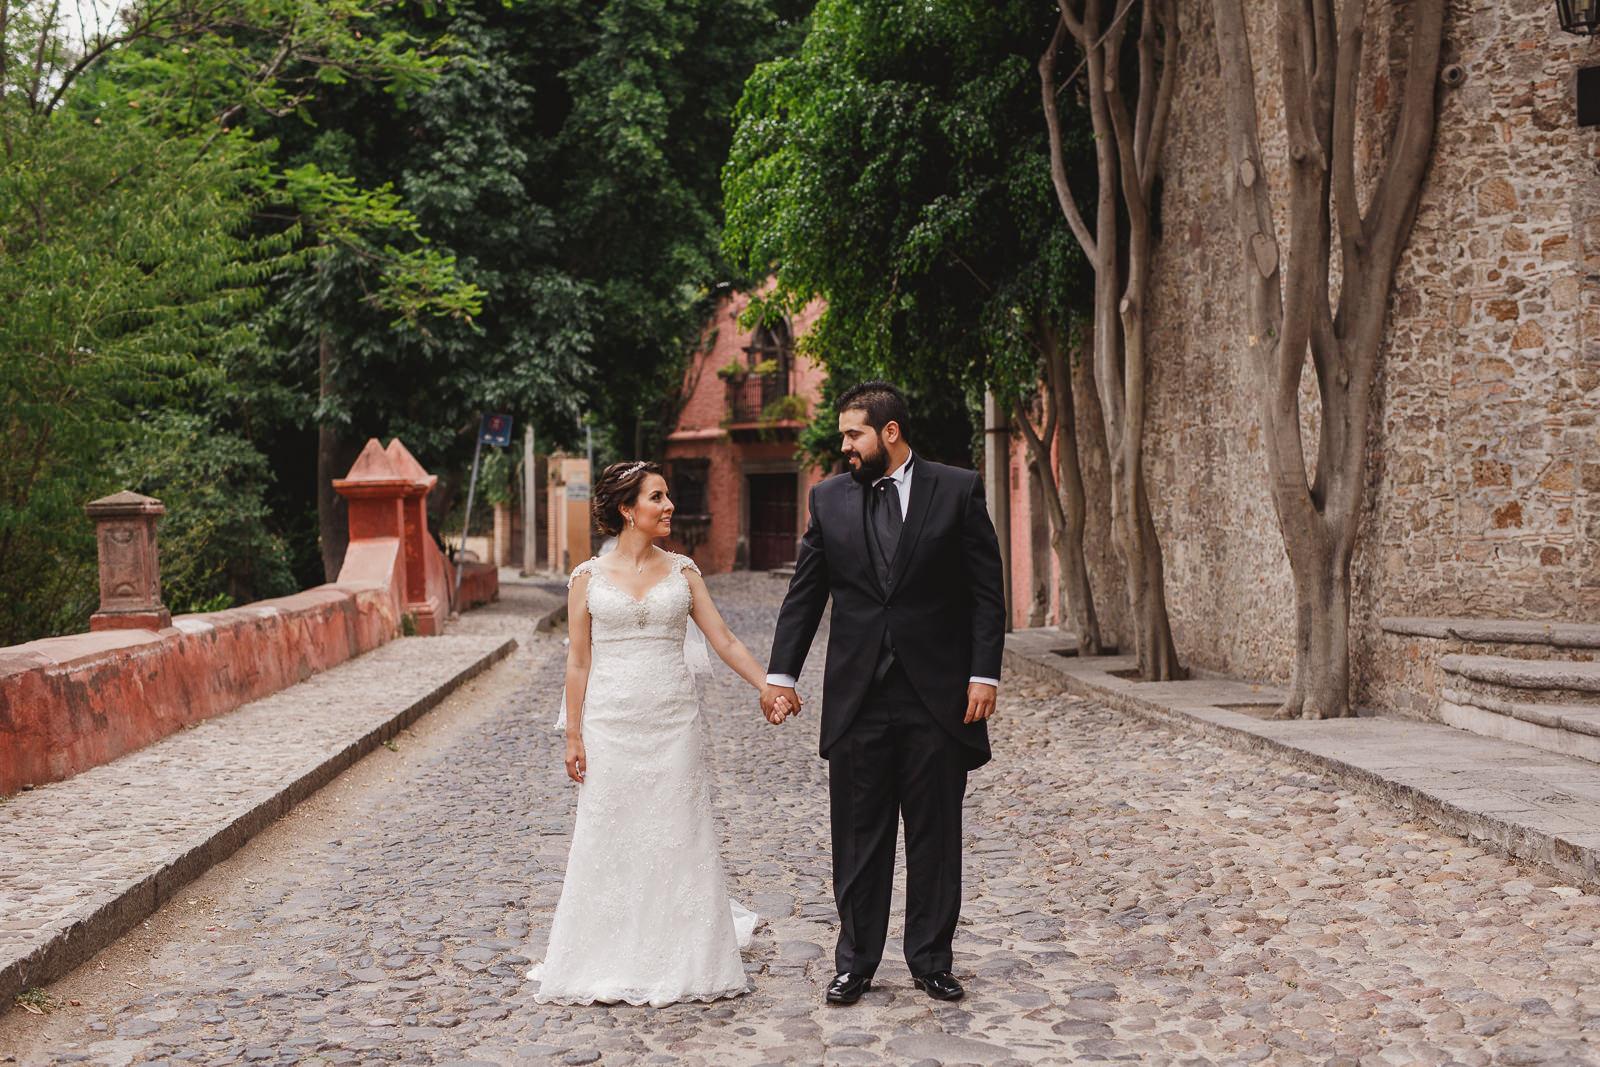 fotografo-de-bodas-san-miguel-de-allende-024